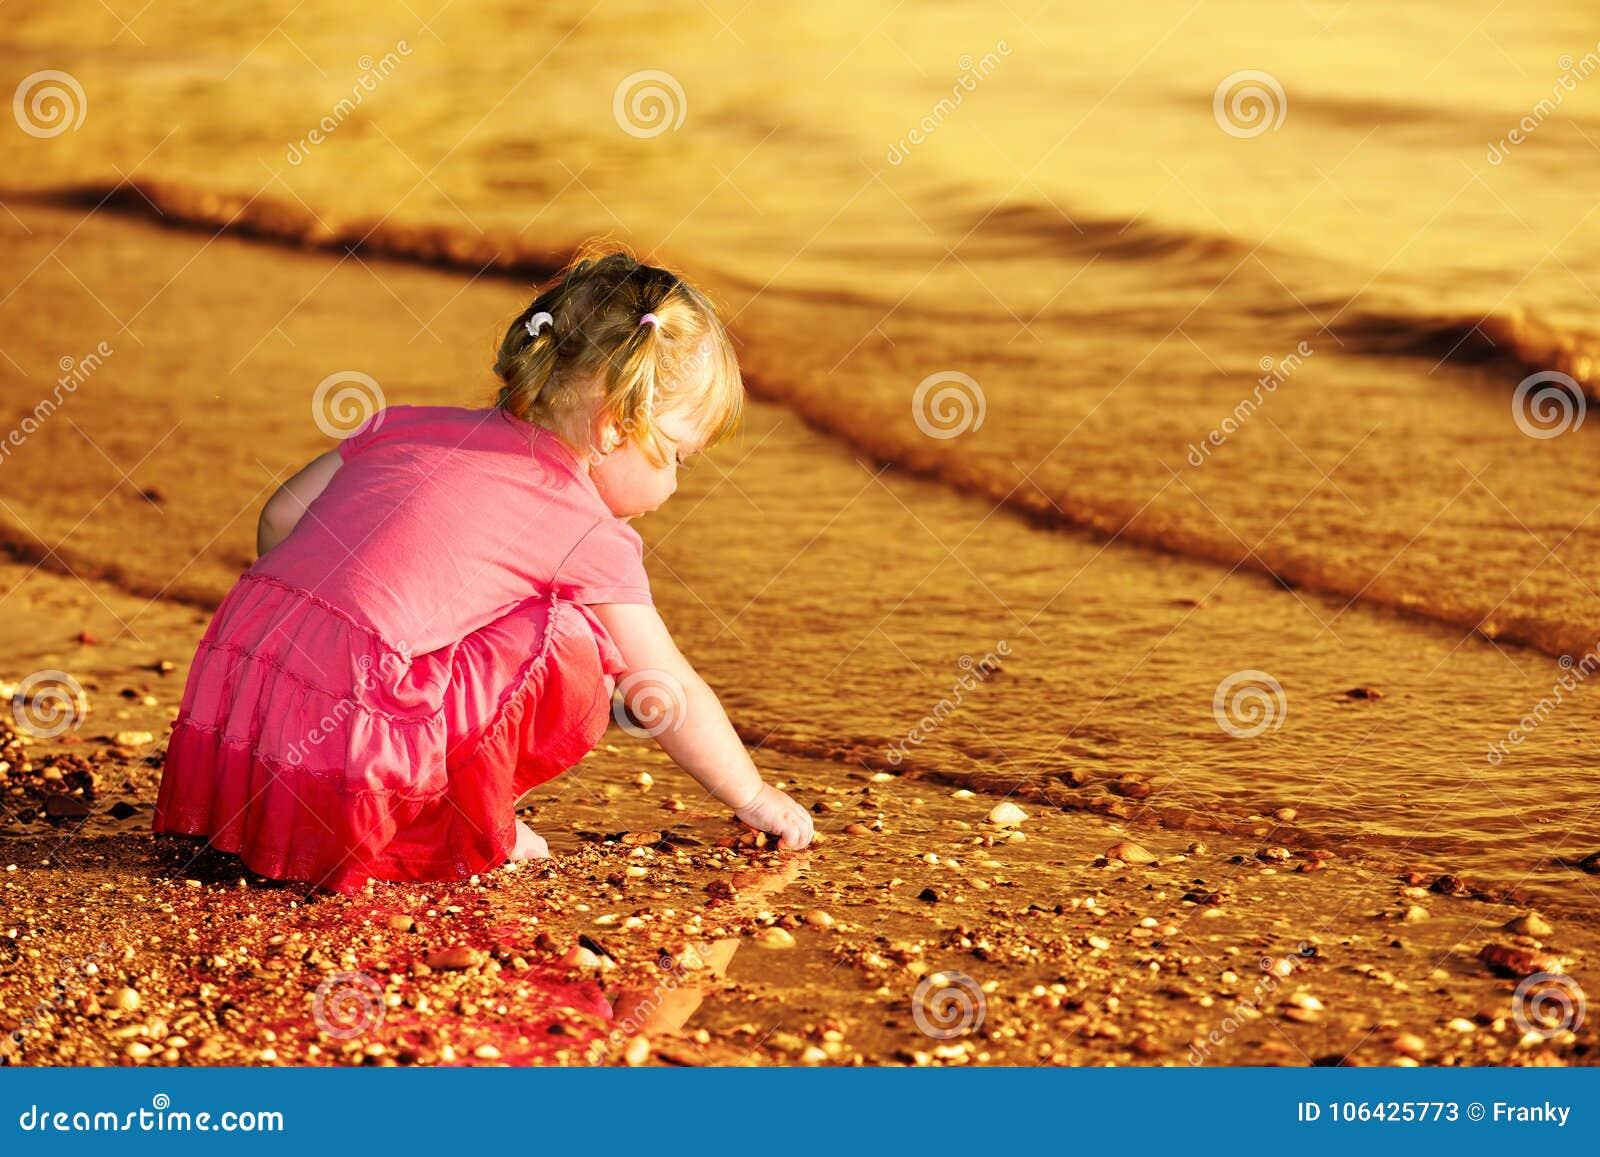 2-3 года старой маленькой девочки играя с камешками на речном береге